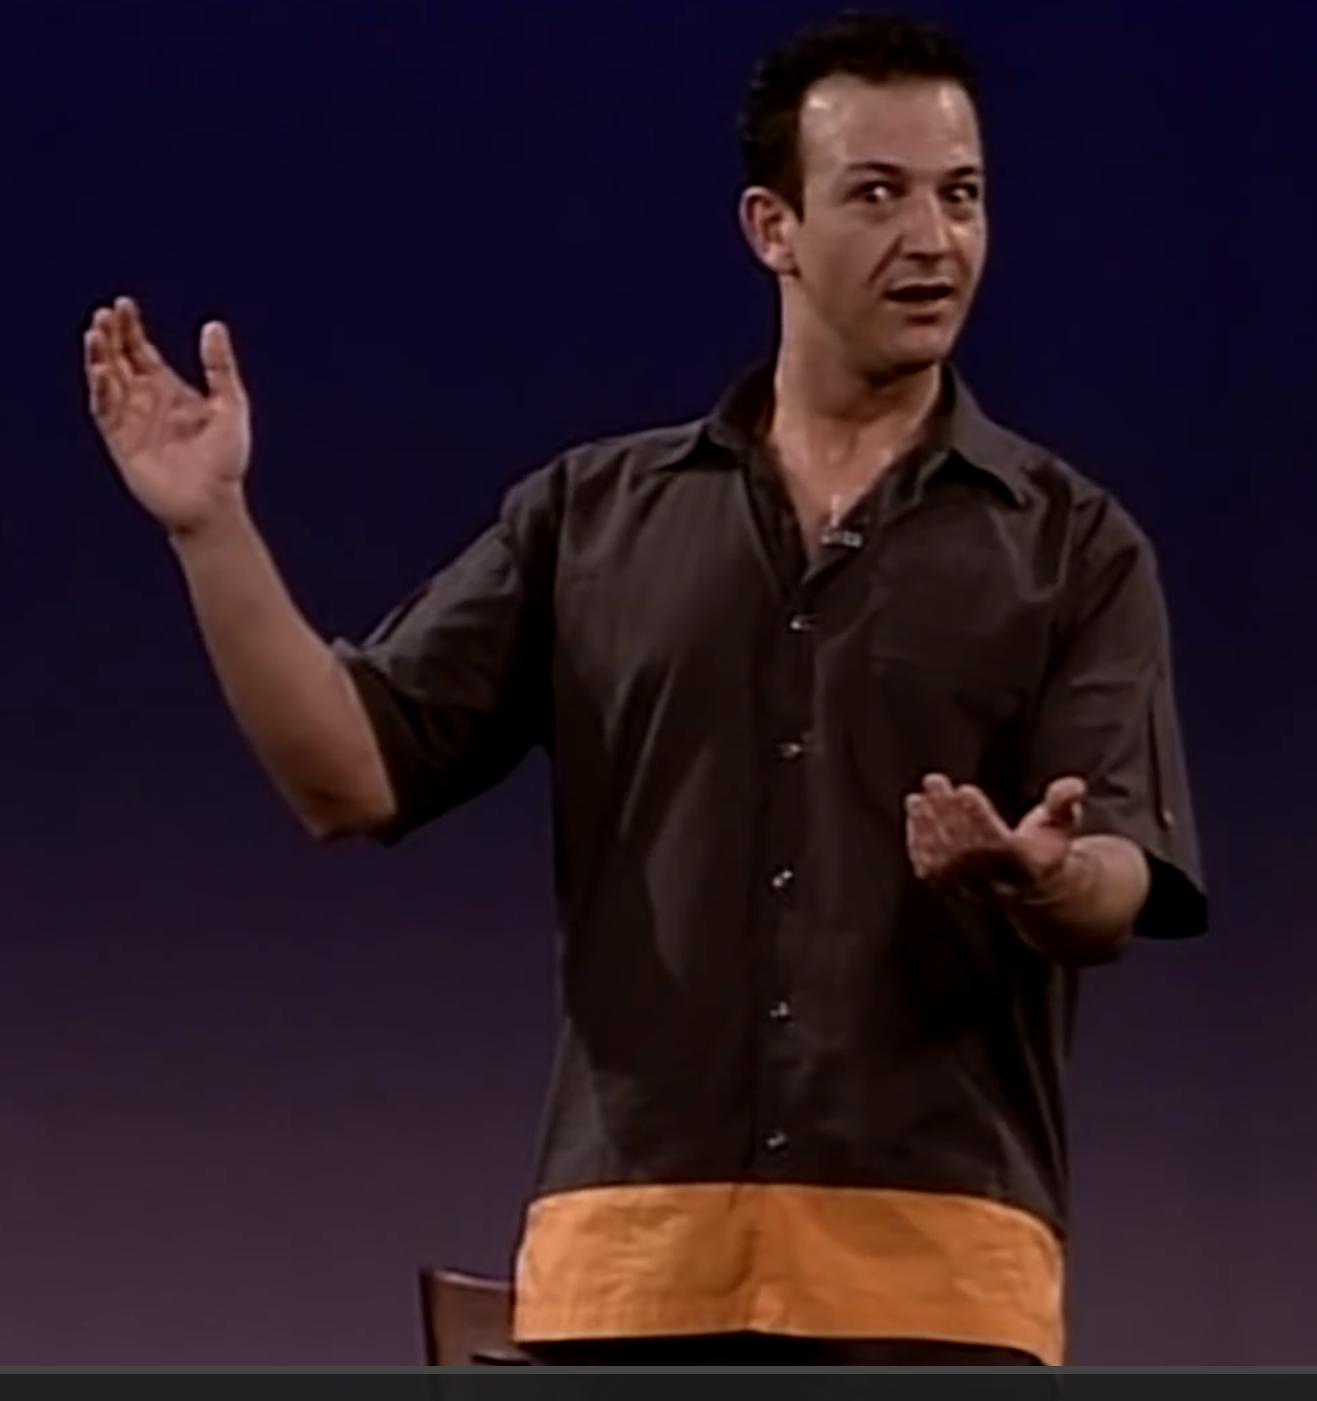 Najib Amhali in het jaar 2000 tijdens zijn theatershow Veni Vidi Vici